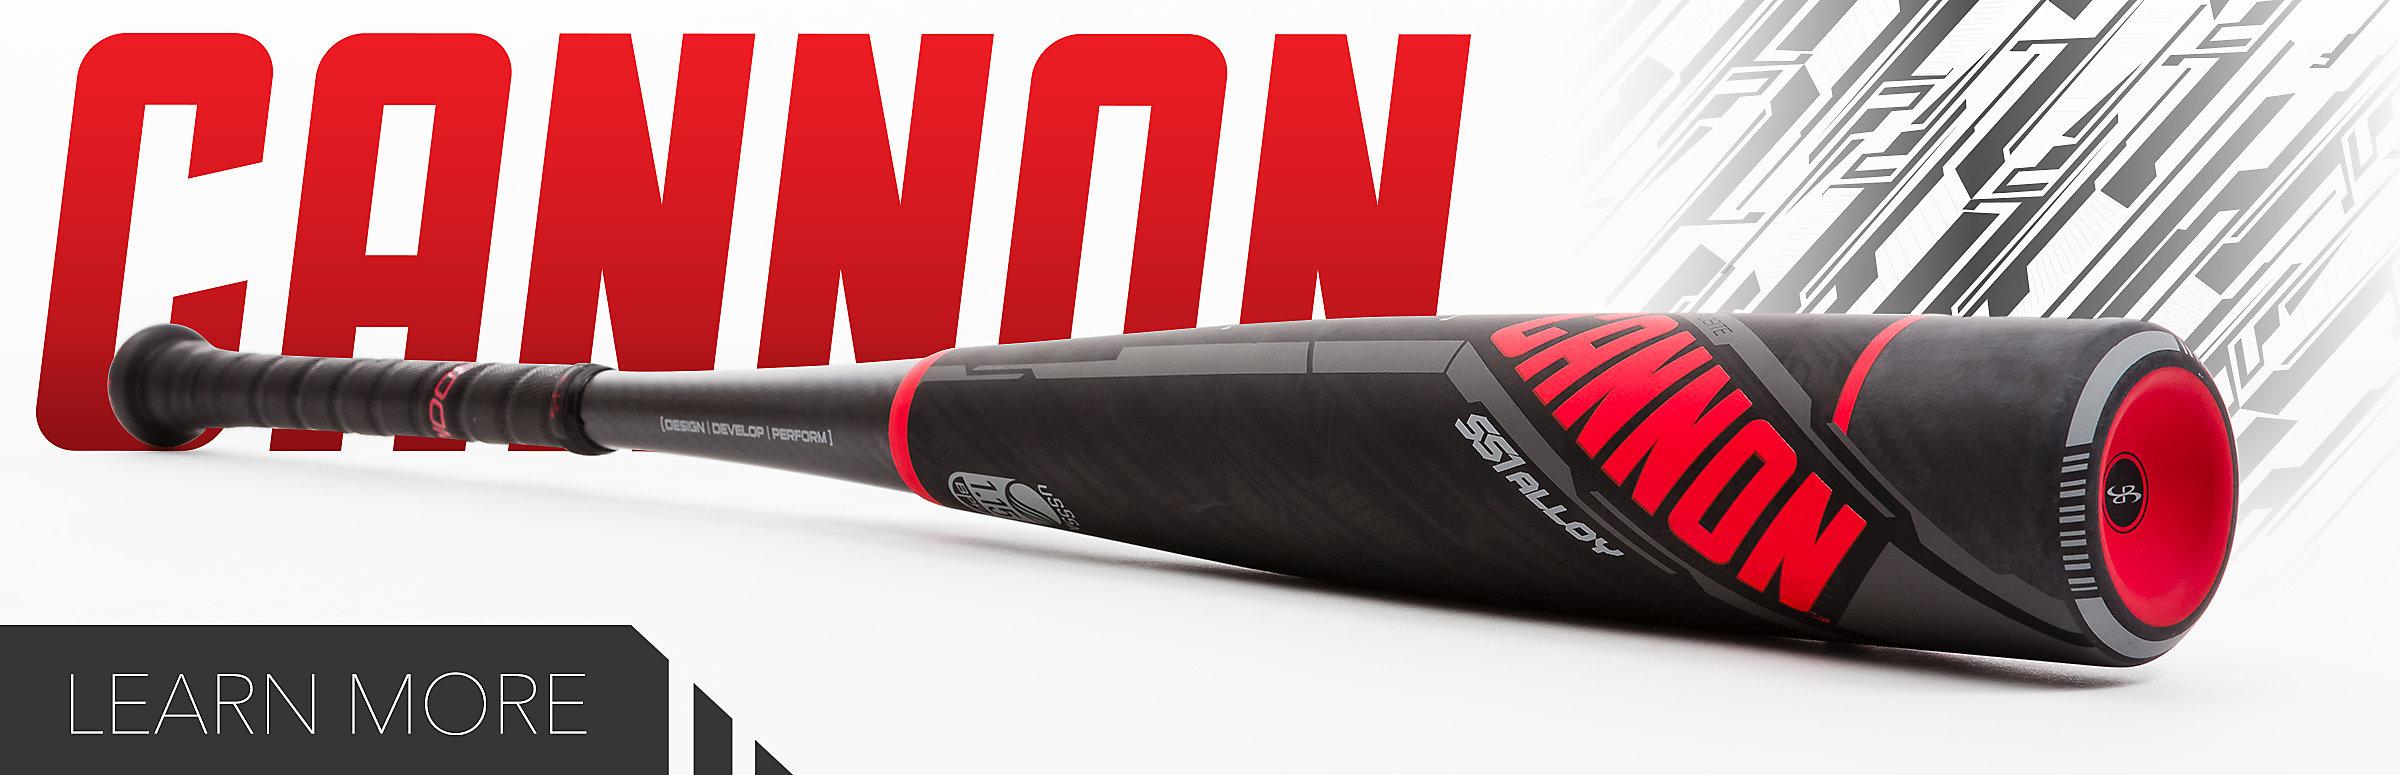 2017 cannon baseball bat